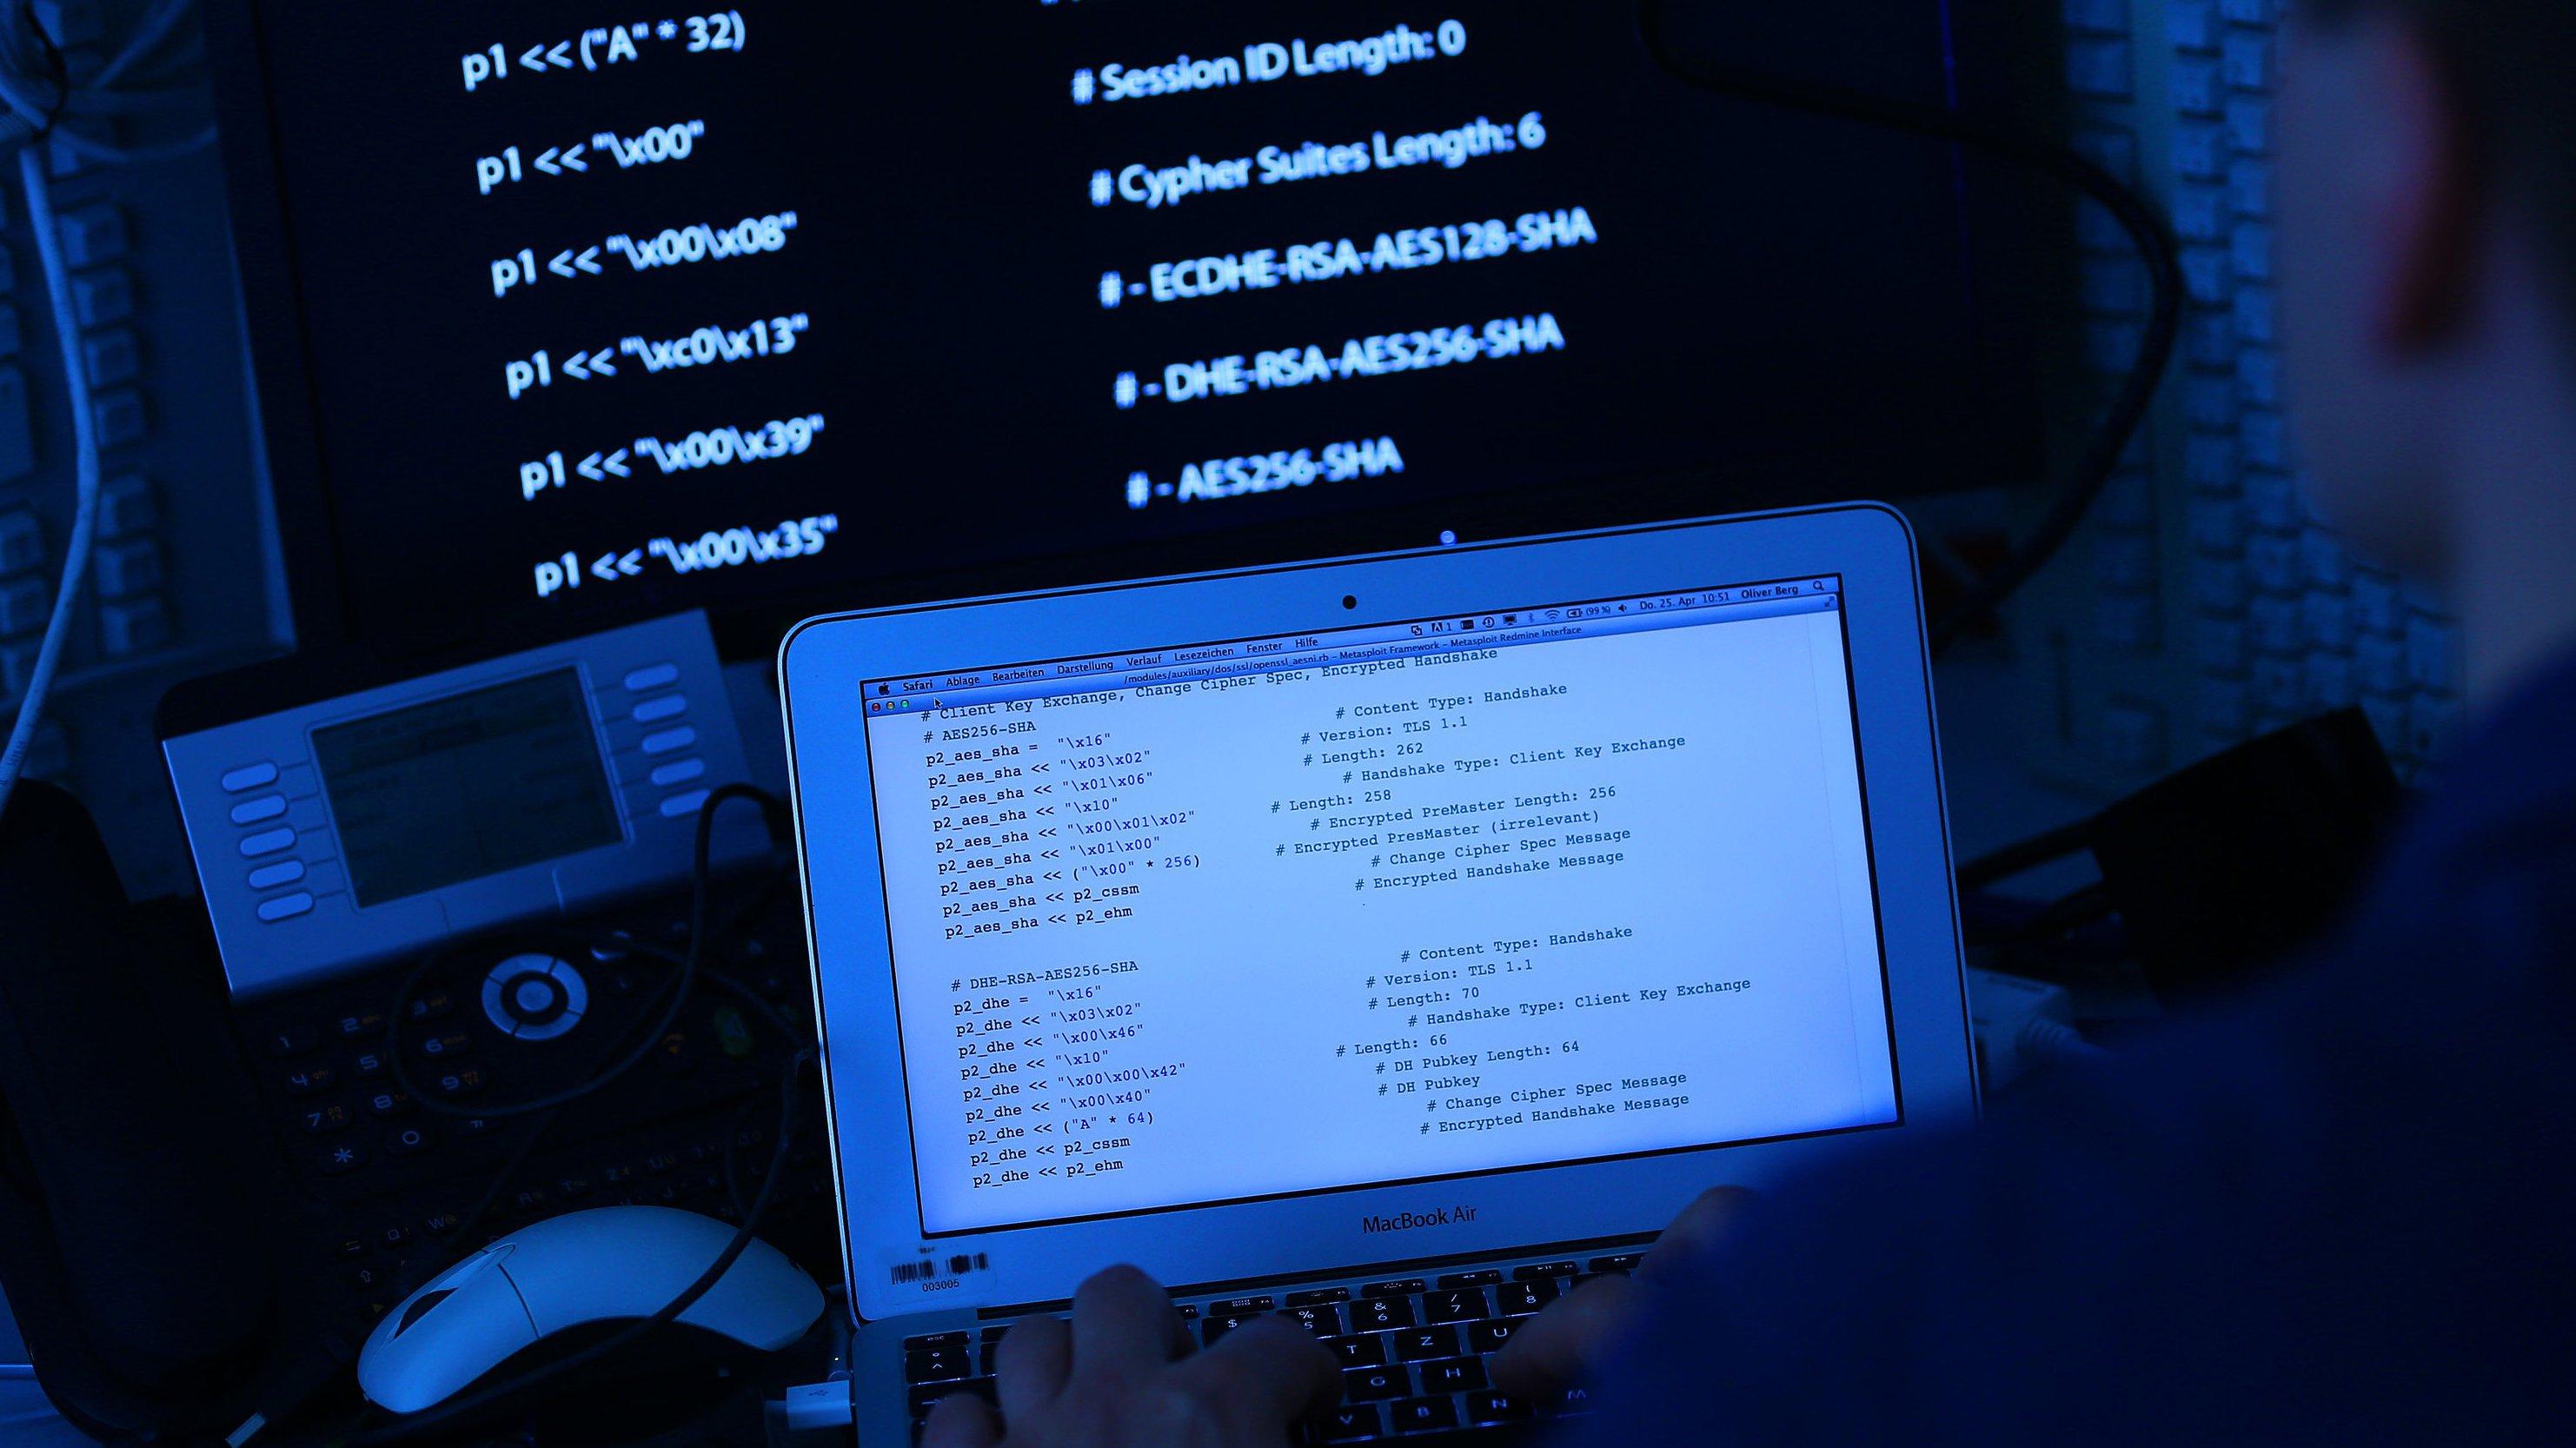 Cyberwar: Die Kriege der Zukunft werden wohl nicht nur mit Kampfflugzeugen, Kriegsschiffen und Bodentruppen geführt. Der Computer dürfte auch als Waffe immer mehr an Bedeutung gewinnen.